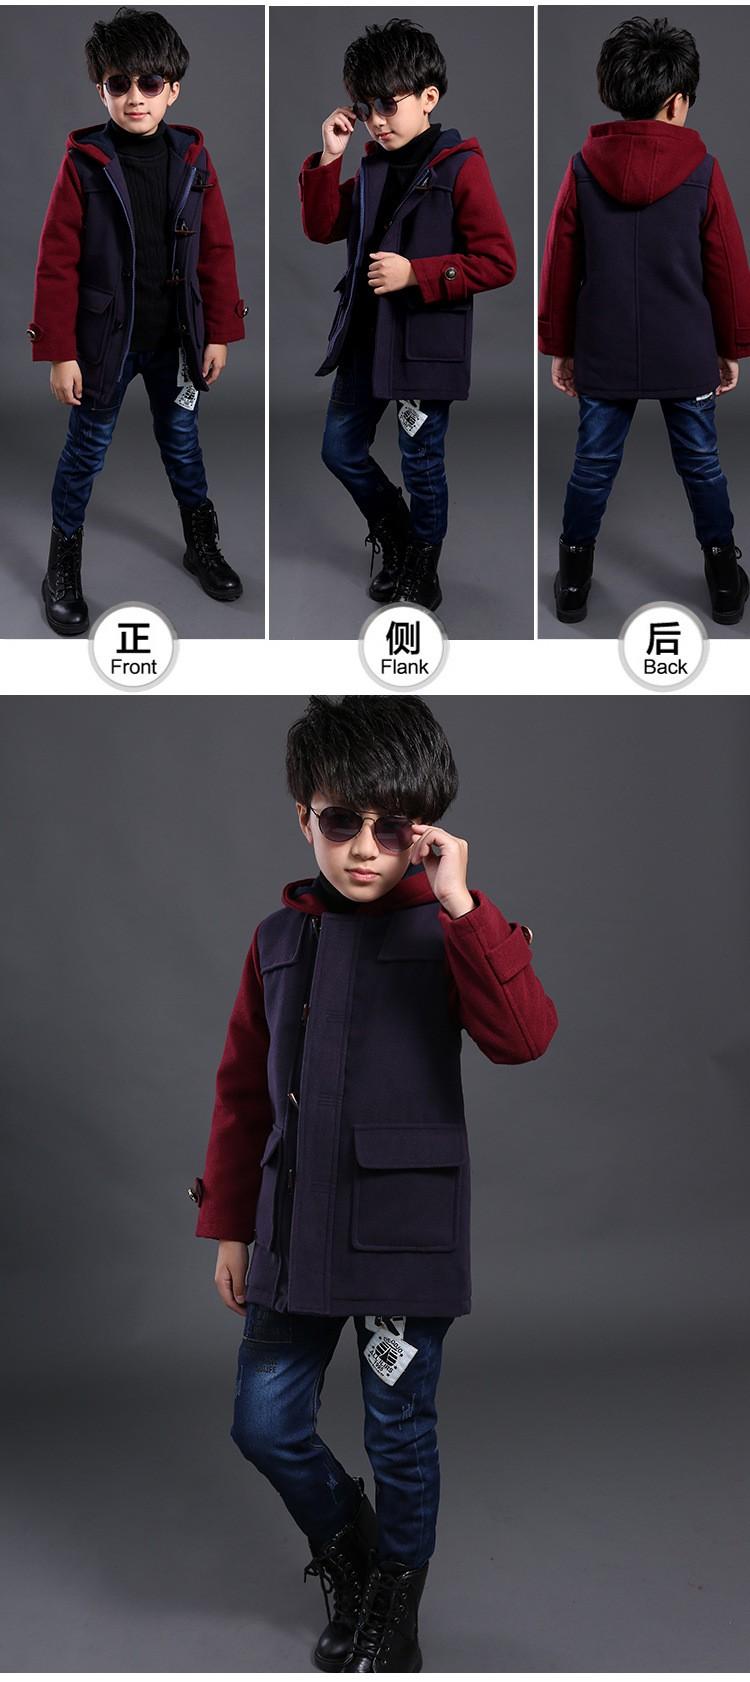 Скидки на 2015 мода зимние мальчики шерстяные куртки лоскутное длинными рукавами с капюшоном сгустите теплый средней длины - длинные детей шерстяное пальто горячая распродажа